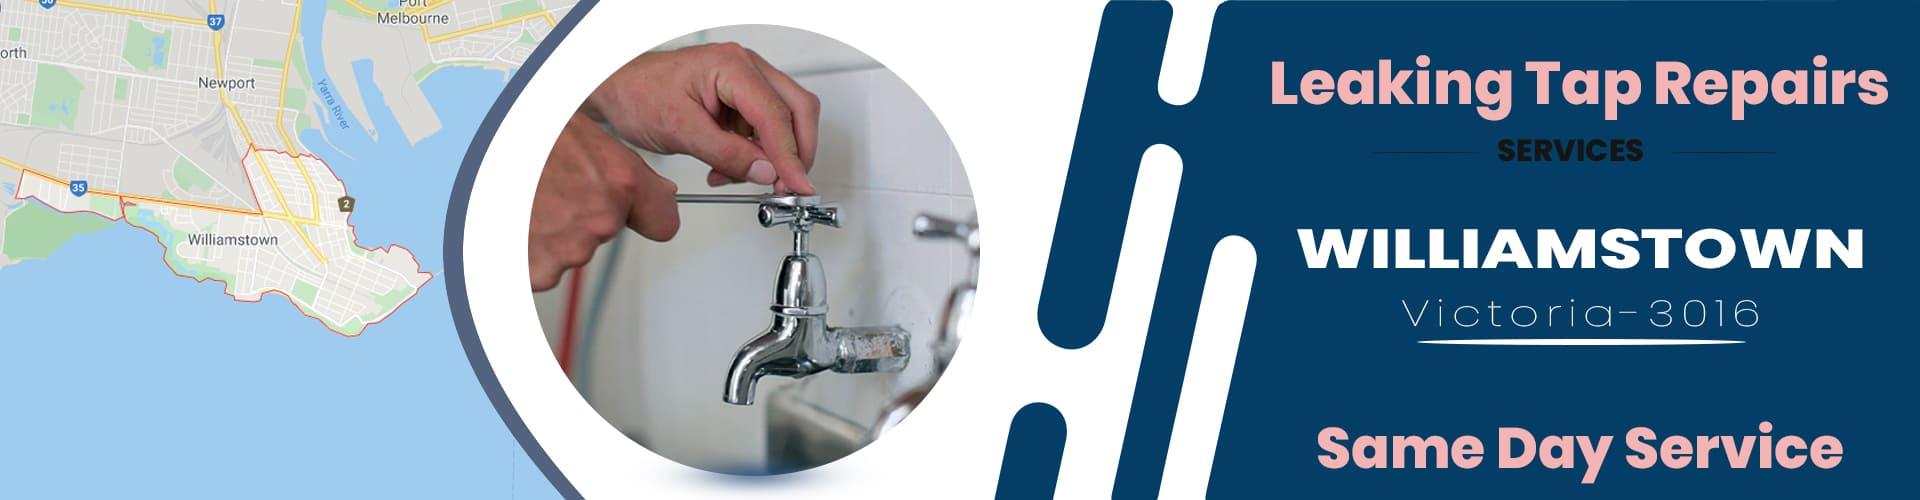 Leaking Tap Repairs Williamstown